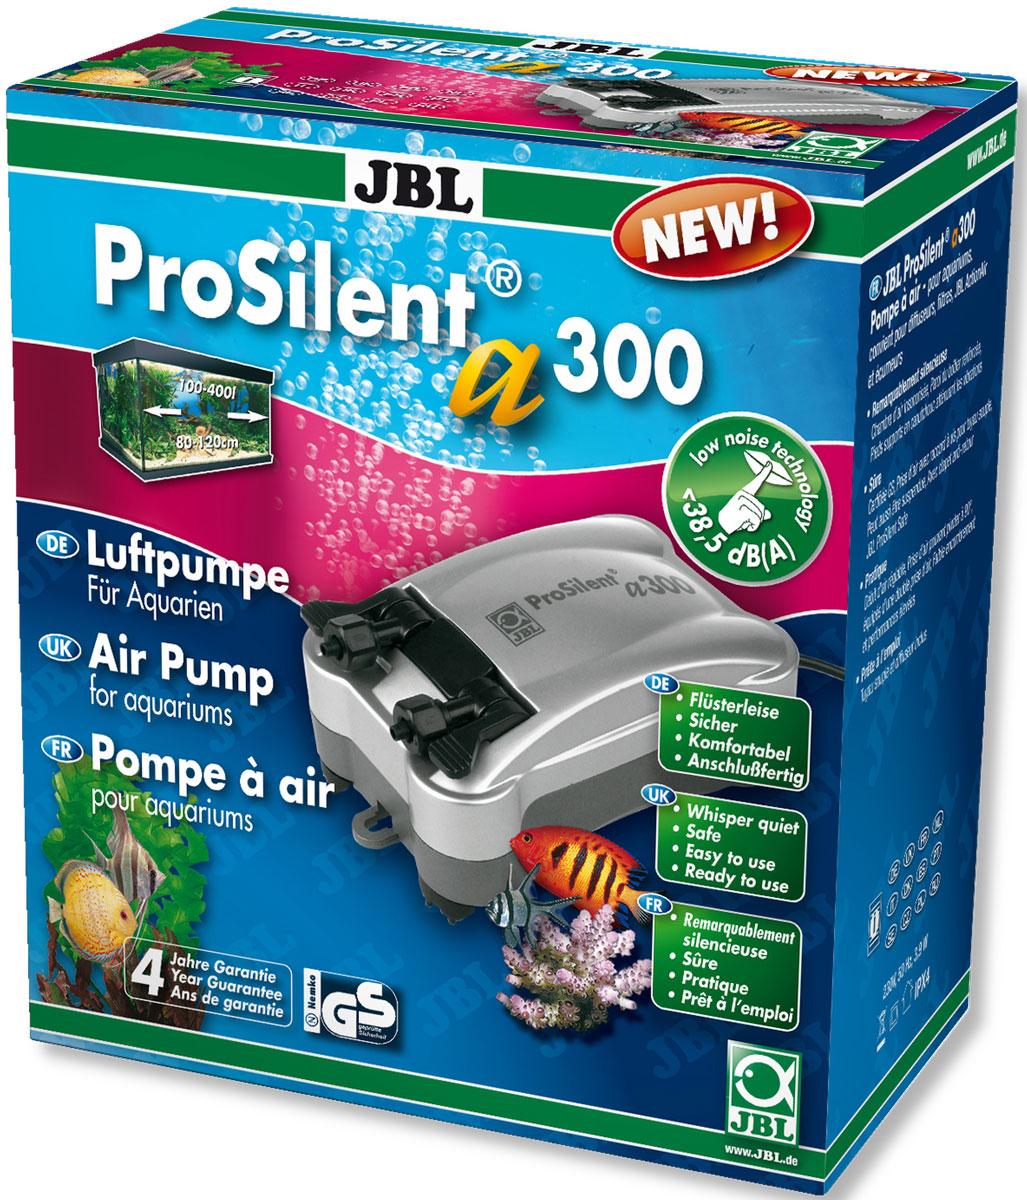 Компрессор JBL ProSilent, для аквариума 100-400 л, 300 л/ч компрессор schego ideal 150 л ч